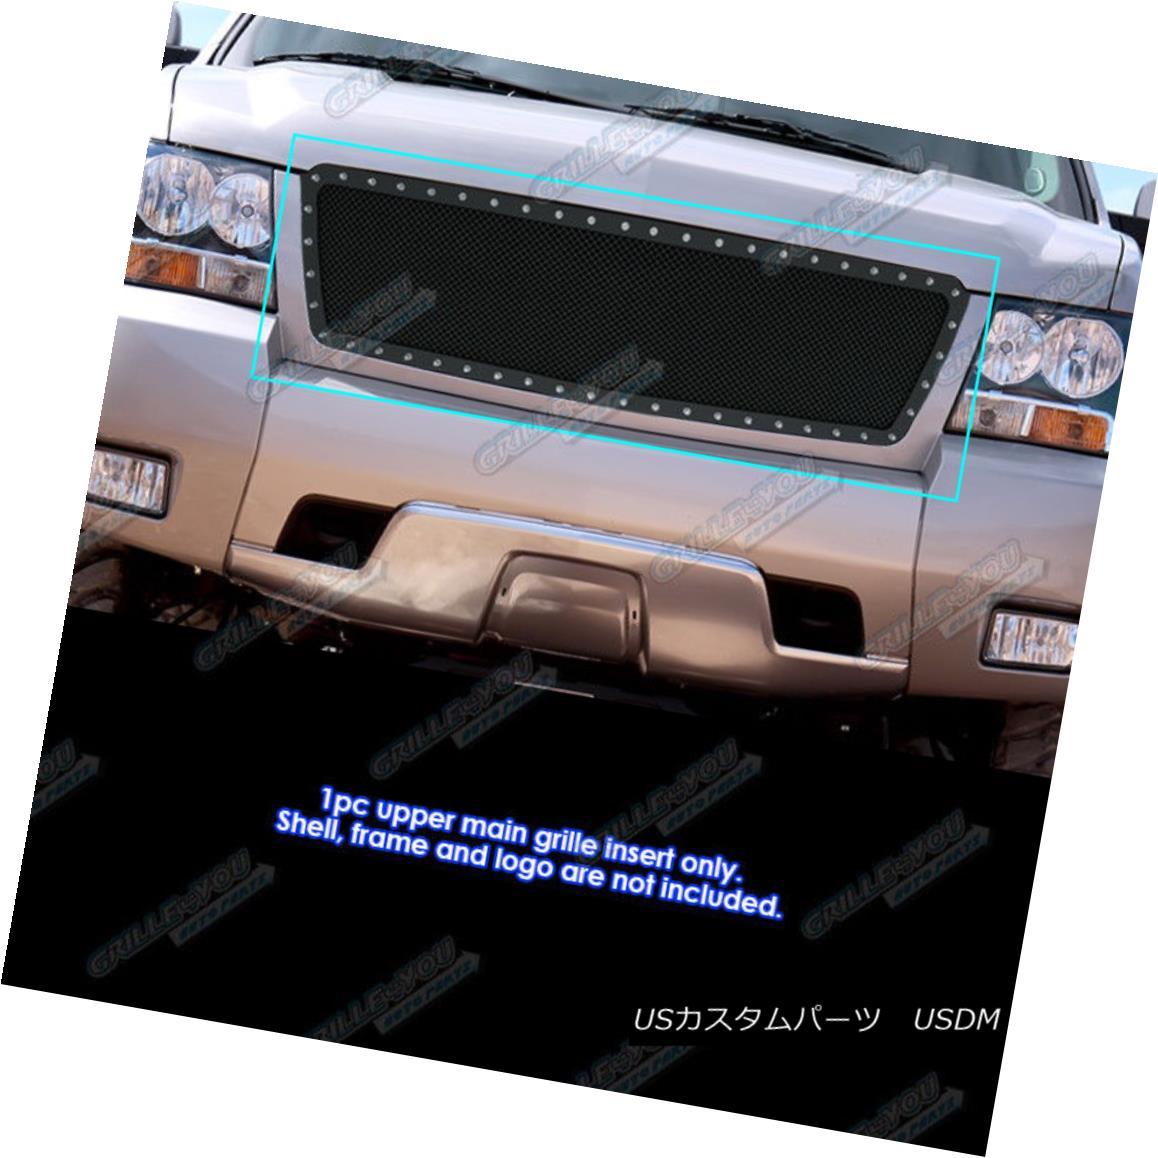 グリル Fits 2007-2013 Chevy Avalanche/Suburban/Tahoe Stainless Black Rivet Mesh Grille フィット2007年?2013年シボレーアバランチェ/スブ rban /タホスステンレスブラックリベットメッシュグリル